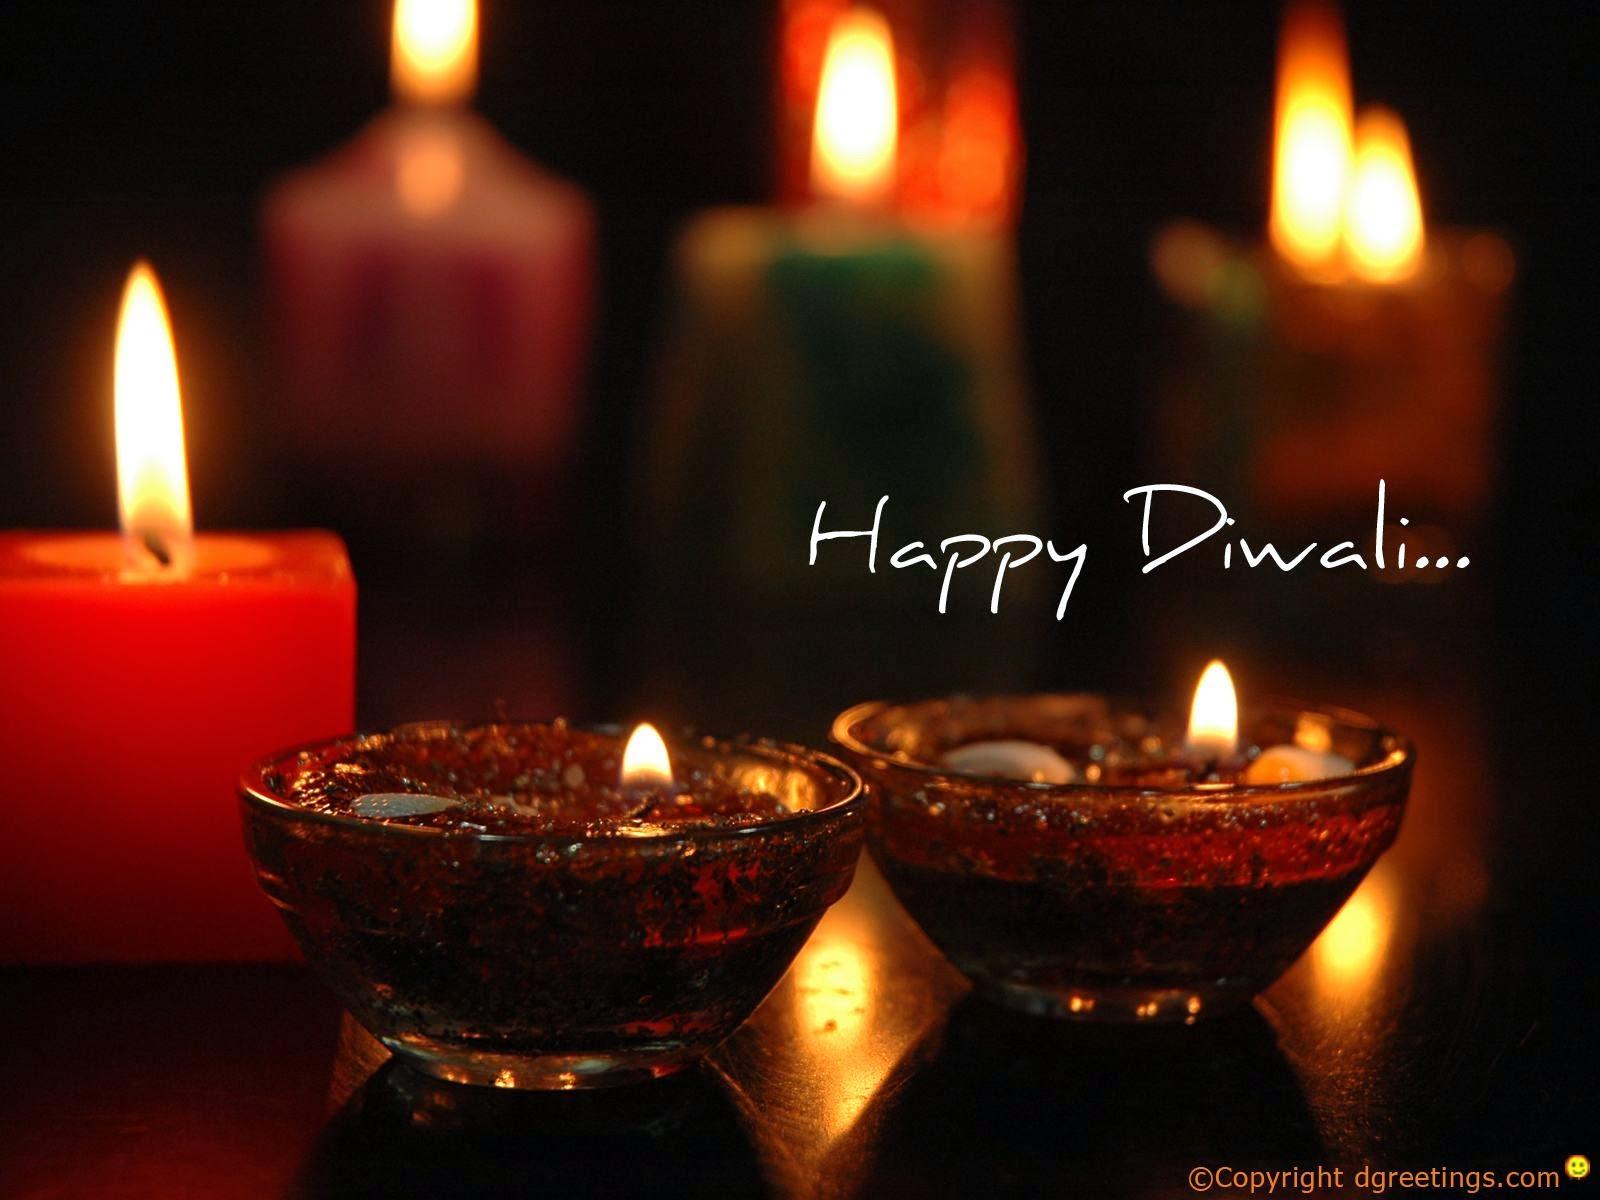 Diwali Facebook Images 2014